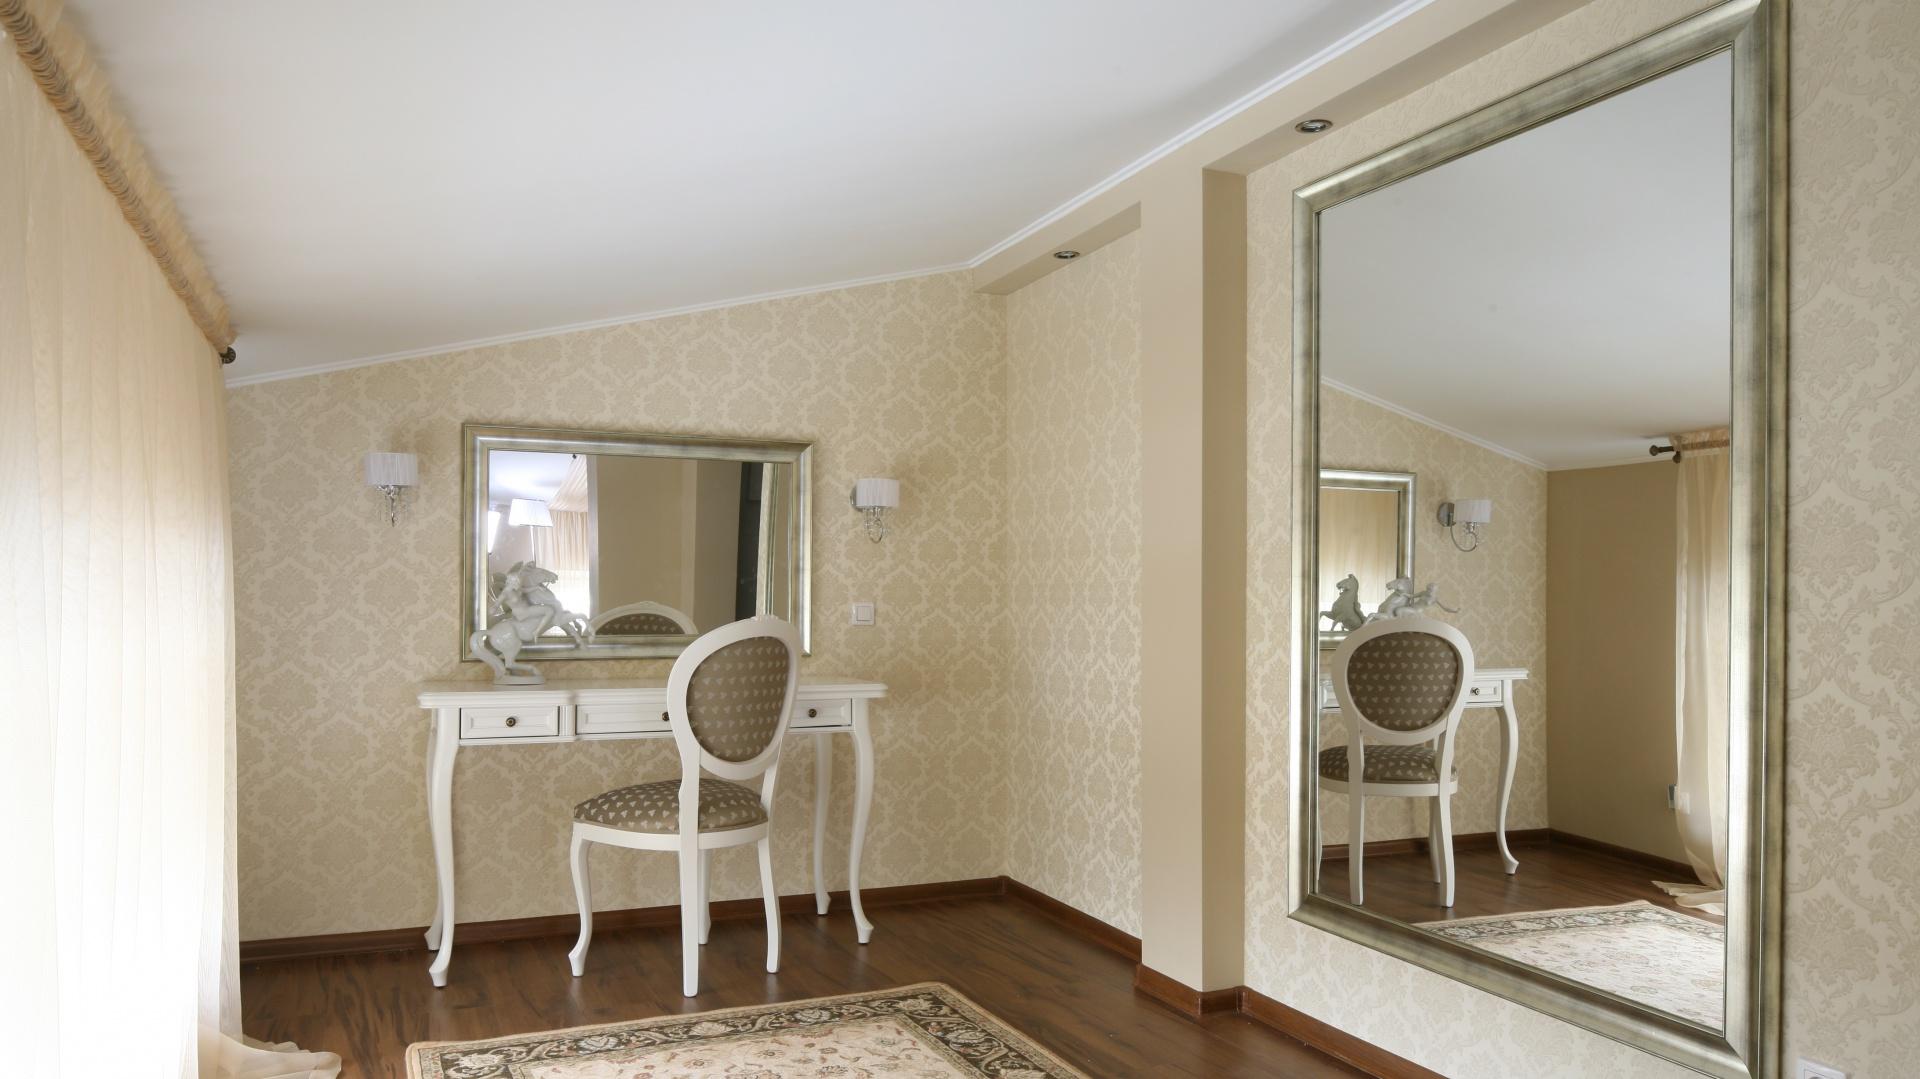 Eleganckie krzesło, stylizowana forma toaletki,  ozdobne kinkiety oraz lustra umieszczone w połyskujących ramach - strefa toaletki została doskonale przemyślana. Projekt: Małgorzata Goś. Fot. Bartosz Jarosz.